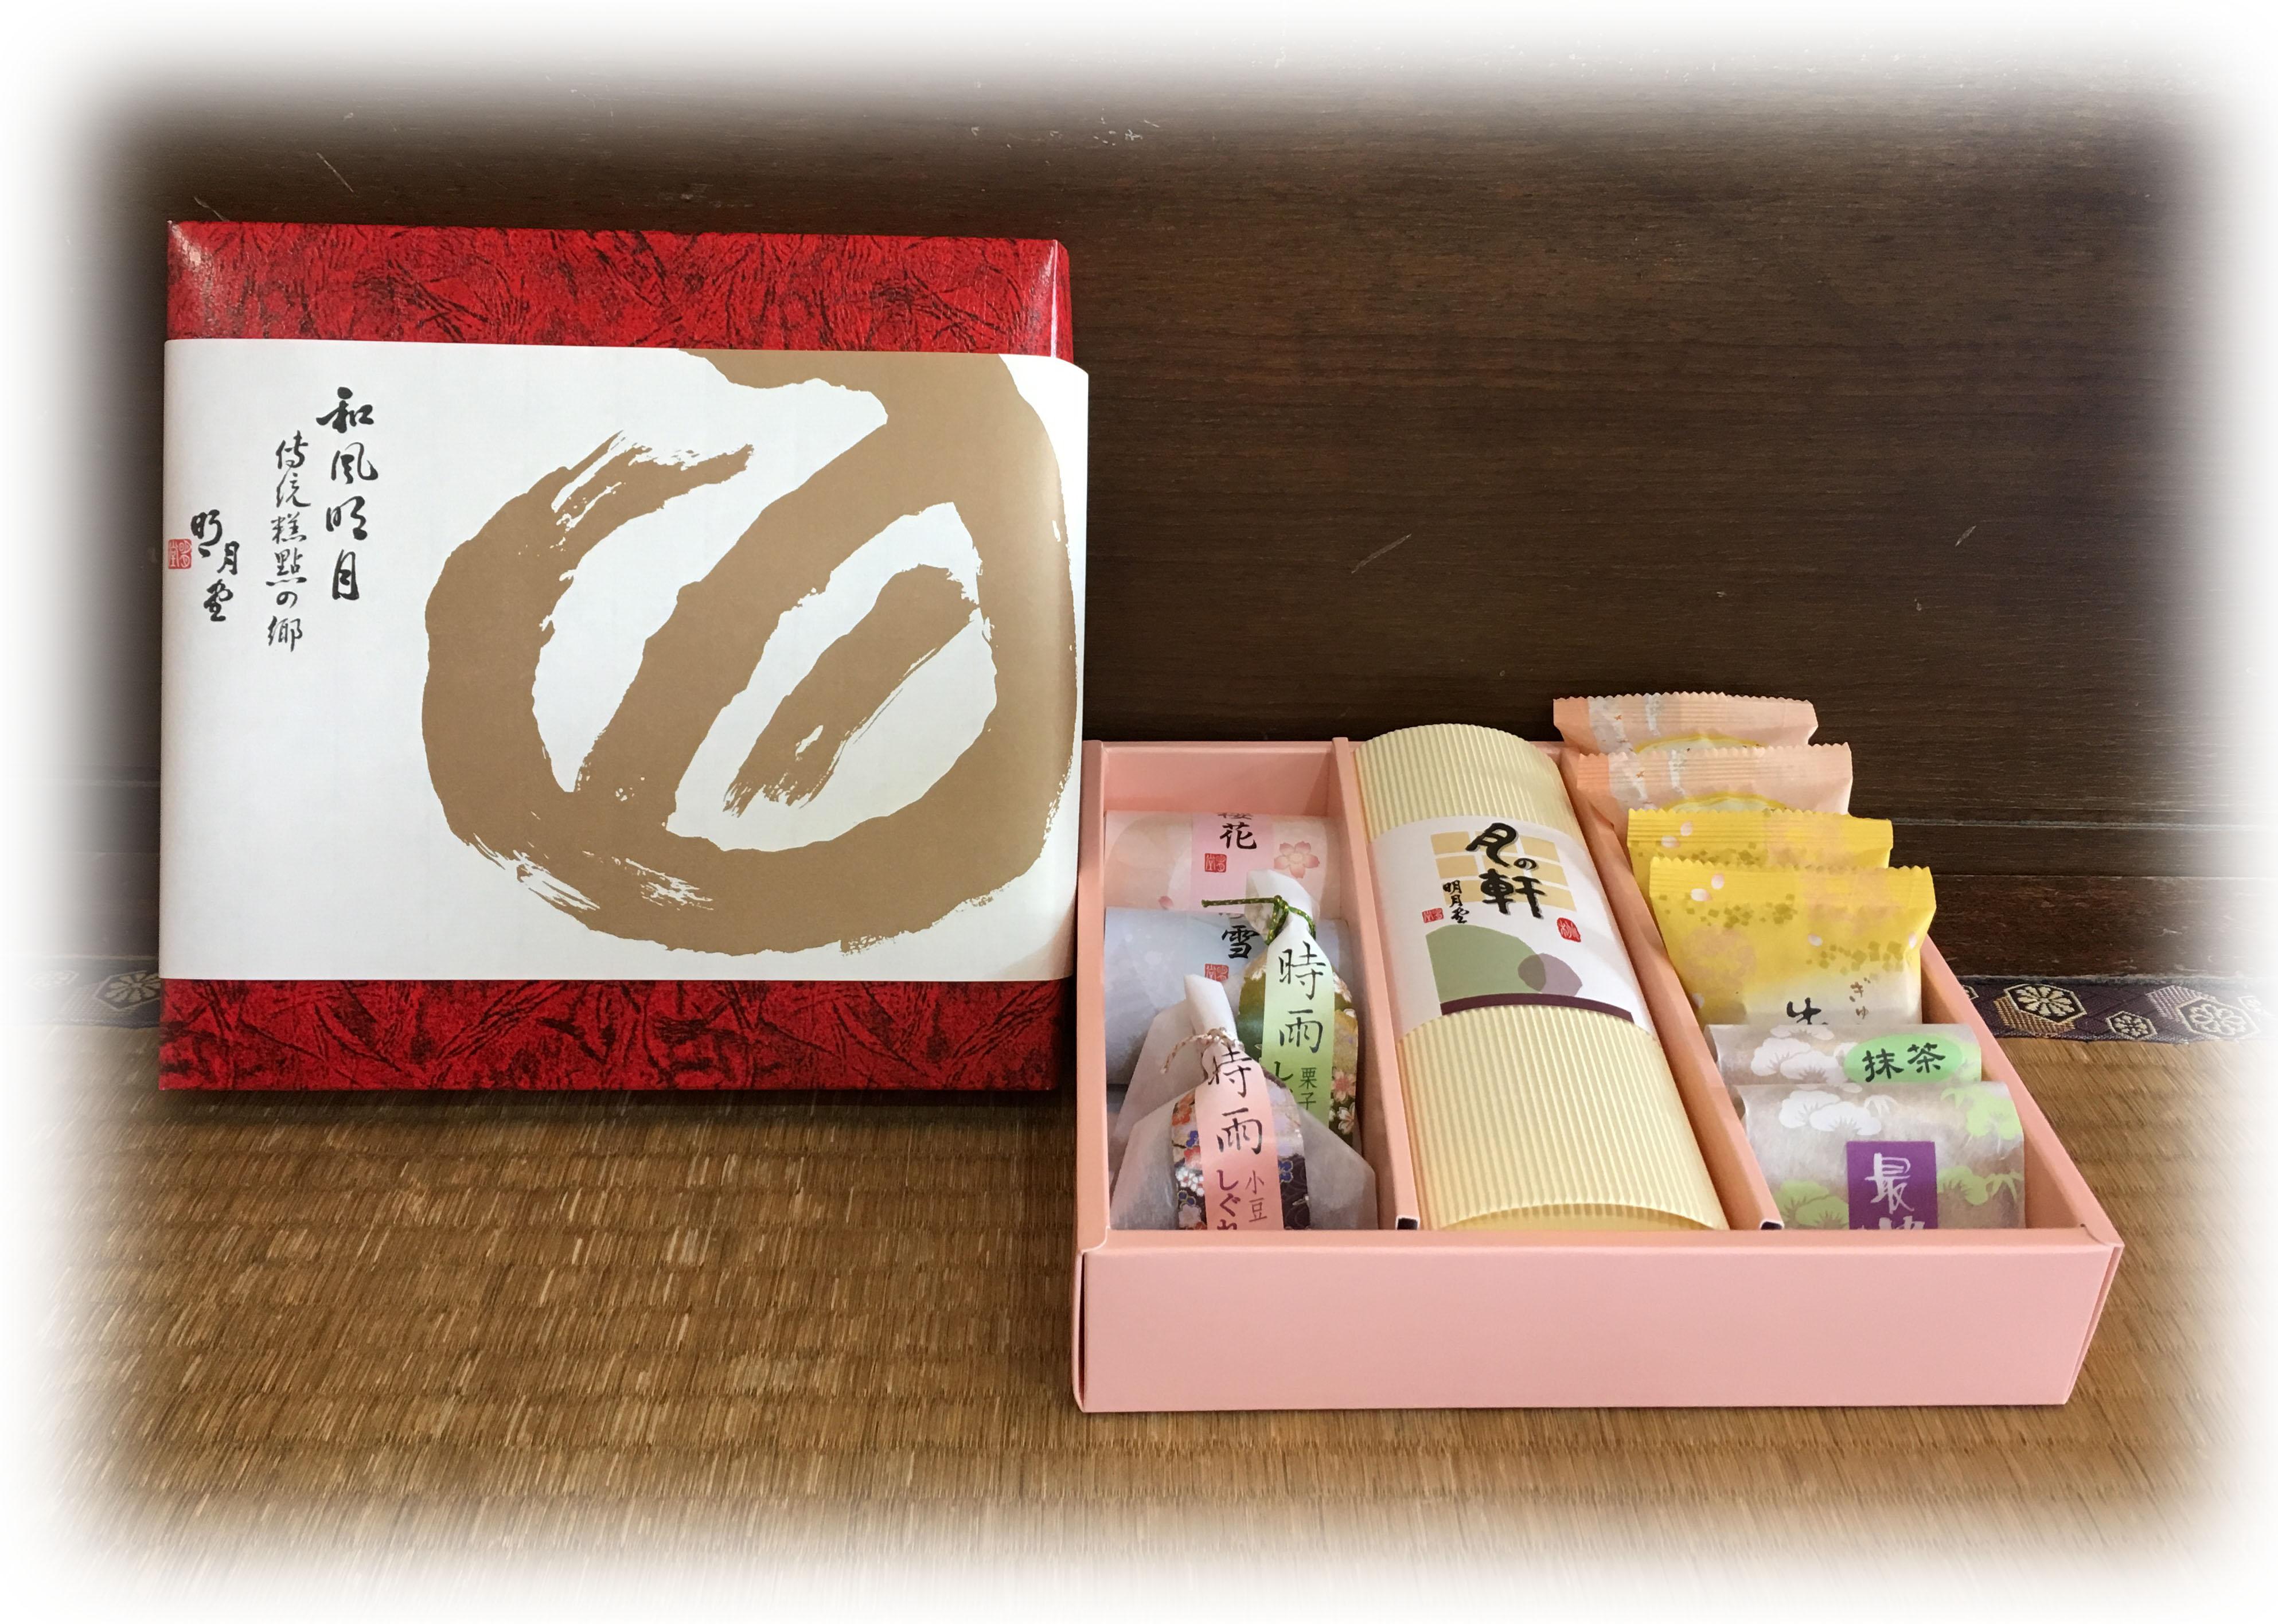 【買一送二】和風明月禮盒 - 中 ★買就送★檸檬淡雪 x 1栗蒸羊羹 x 1 8